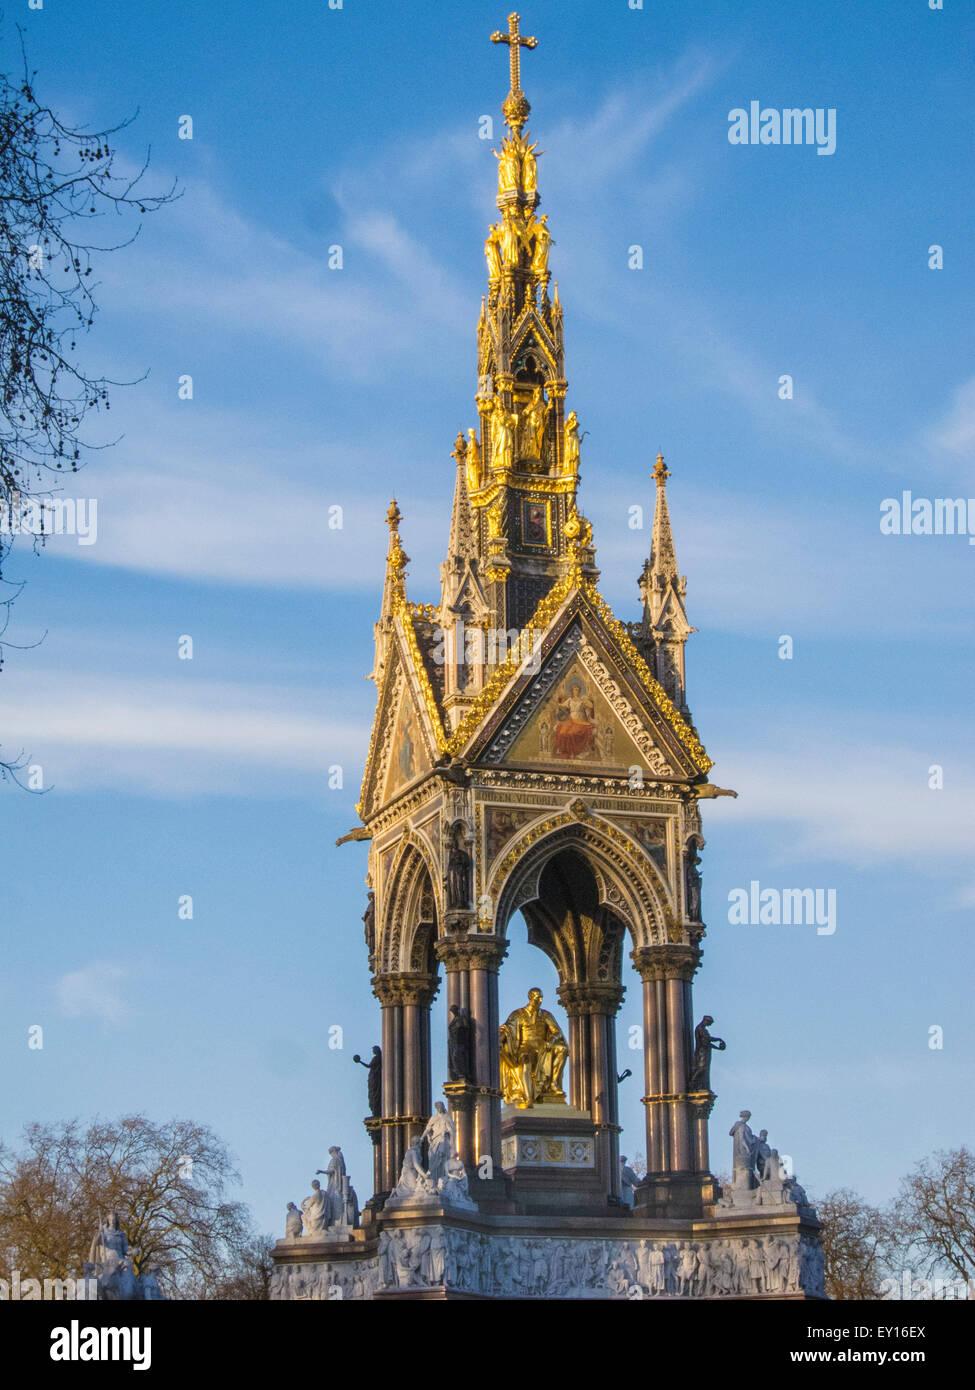 El Albert Memorial, Londres. Encargado por la Reina Victoria en memoria de su amado esposo. Imagen De Stock